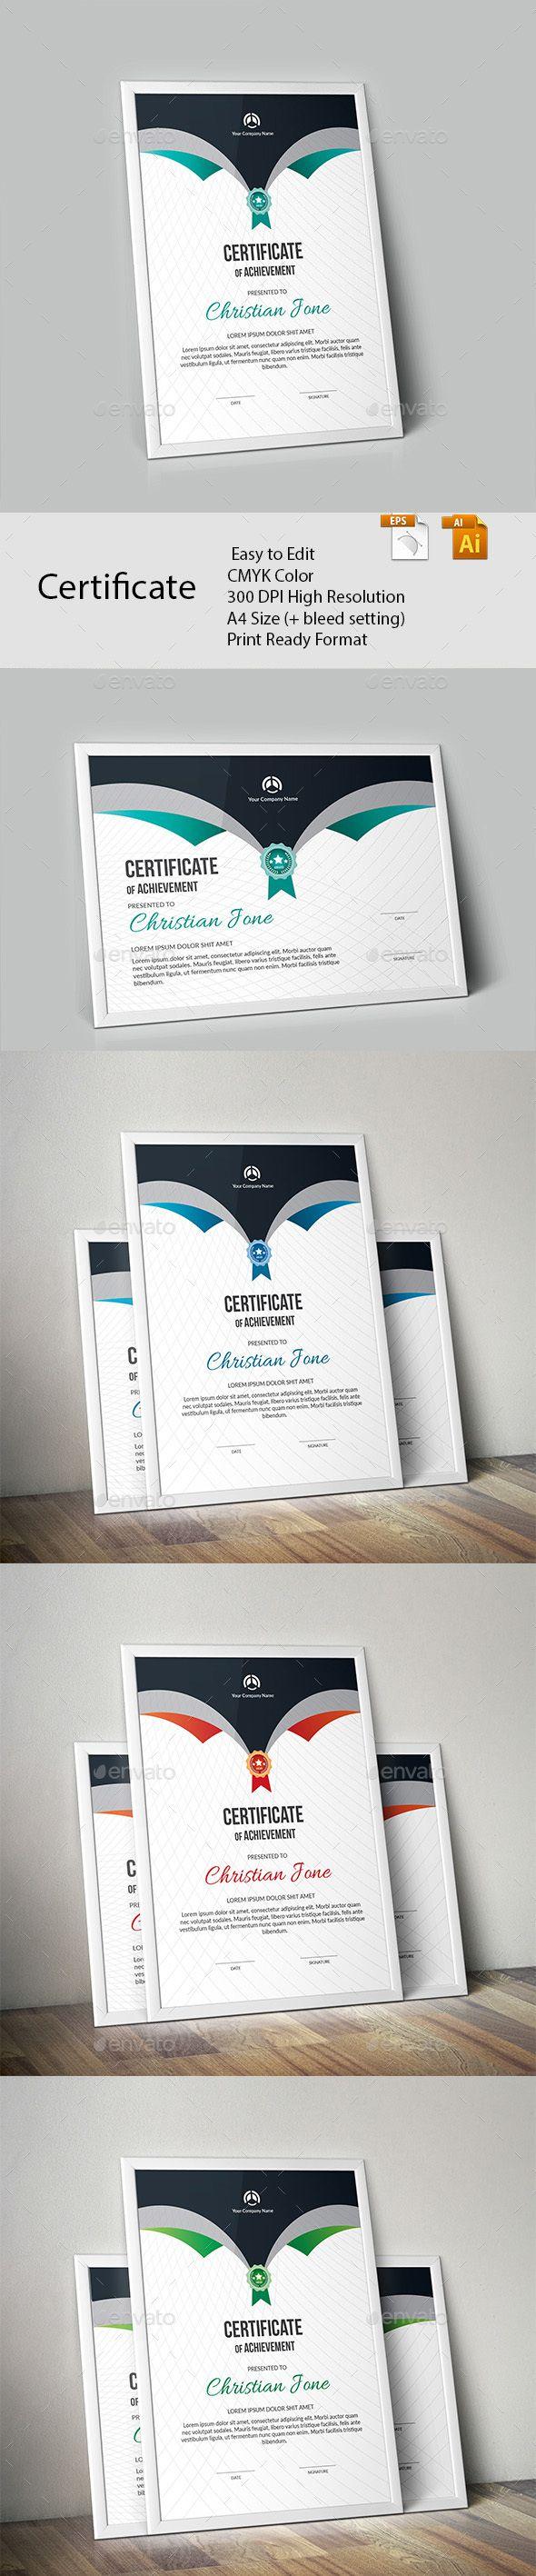 Certificate | Urkunde